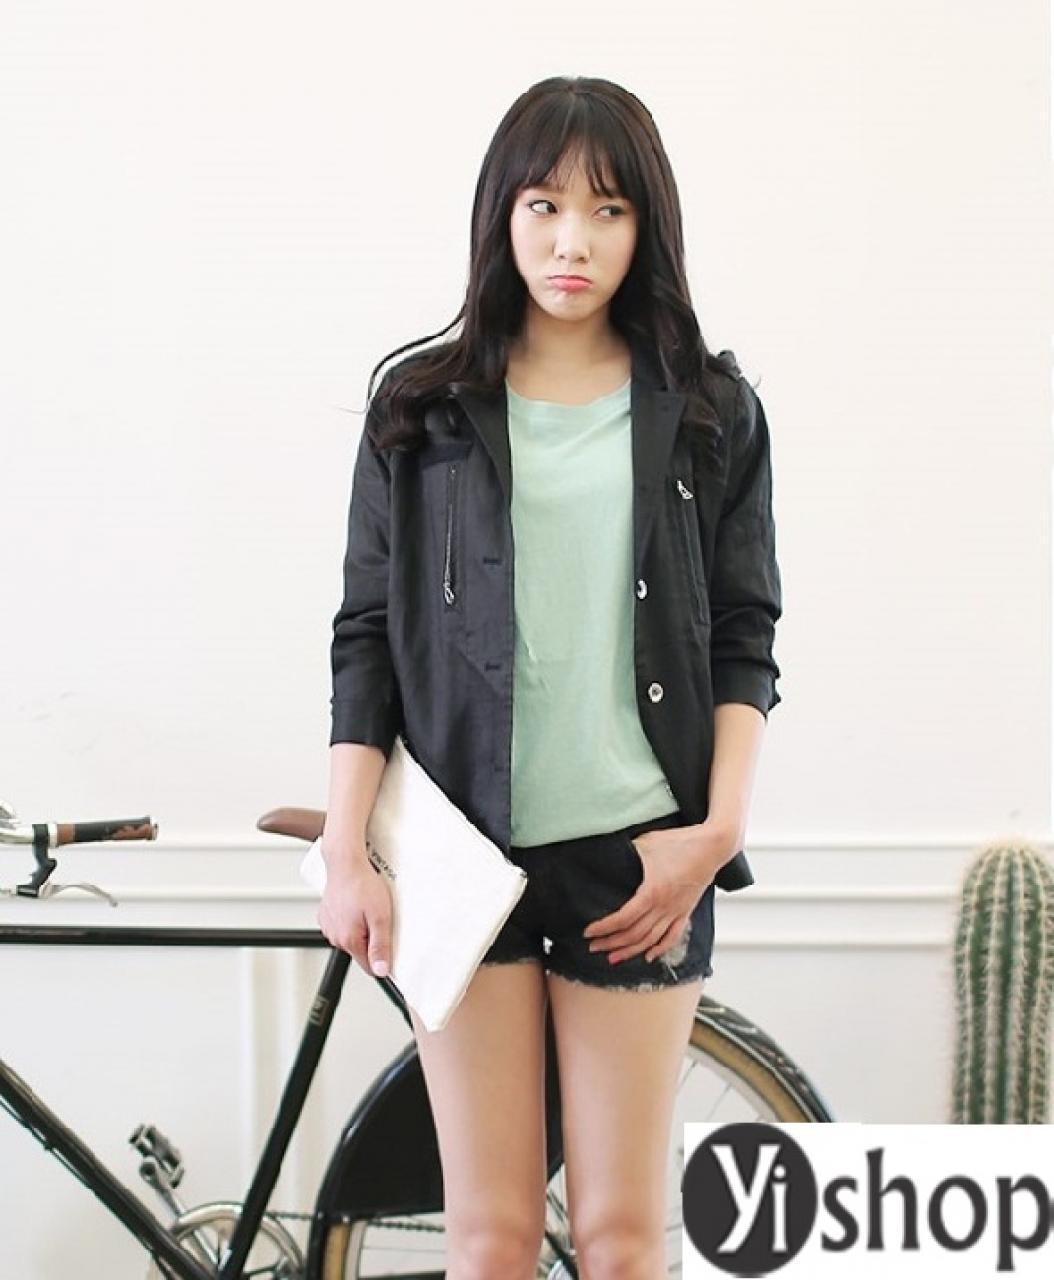 Áo khoác nữ dáng ngắn đẹp mặc ấm như siêu sao Hàn Quốc thu đông 2021 - 2022